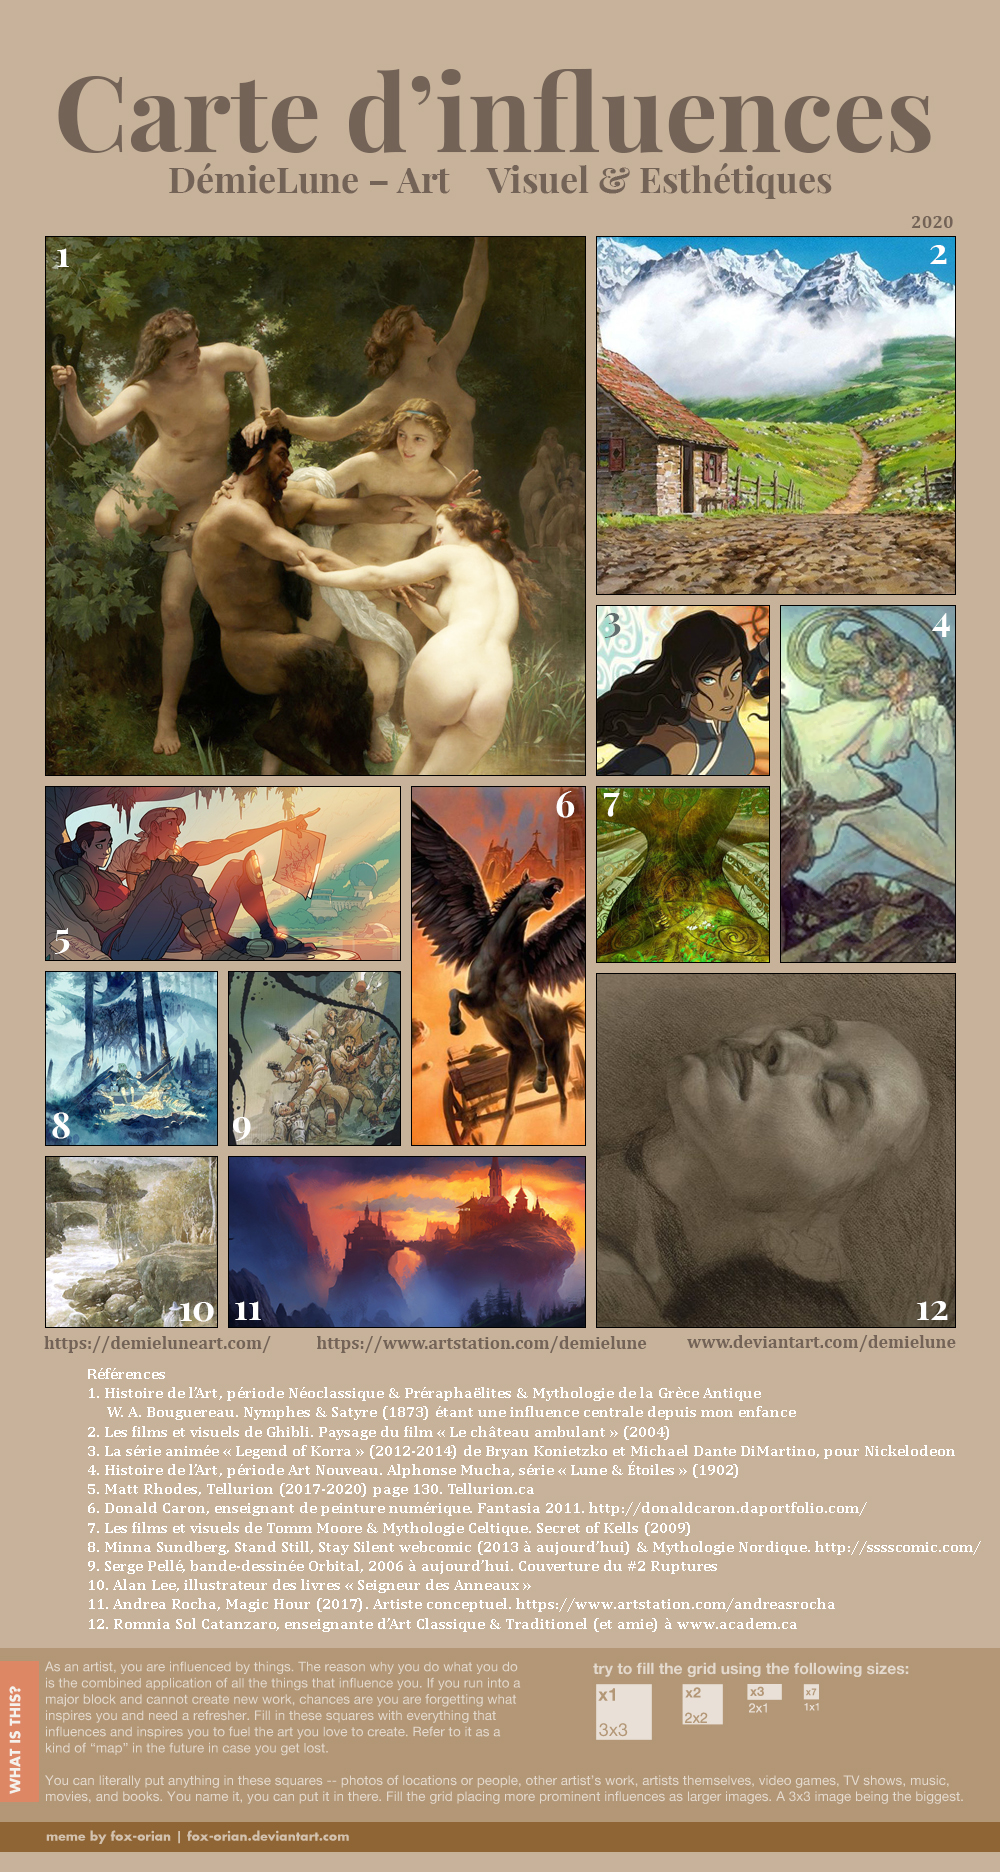 Carte d'influence pour Visuel & Esthétiques pour DemieLune - Art